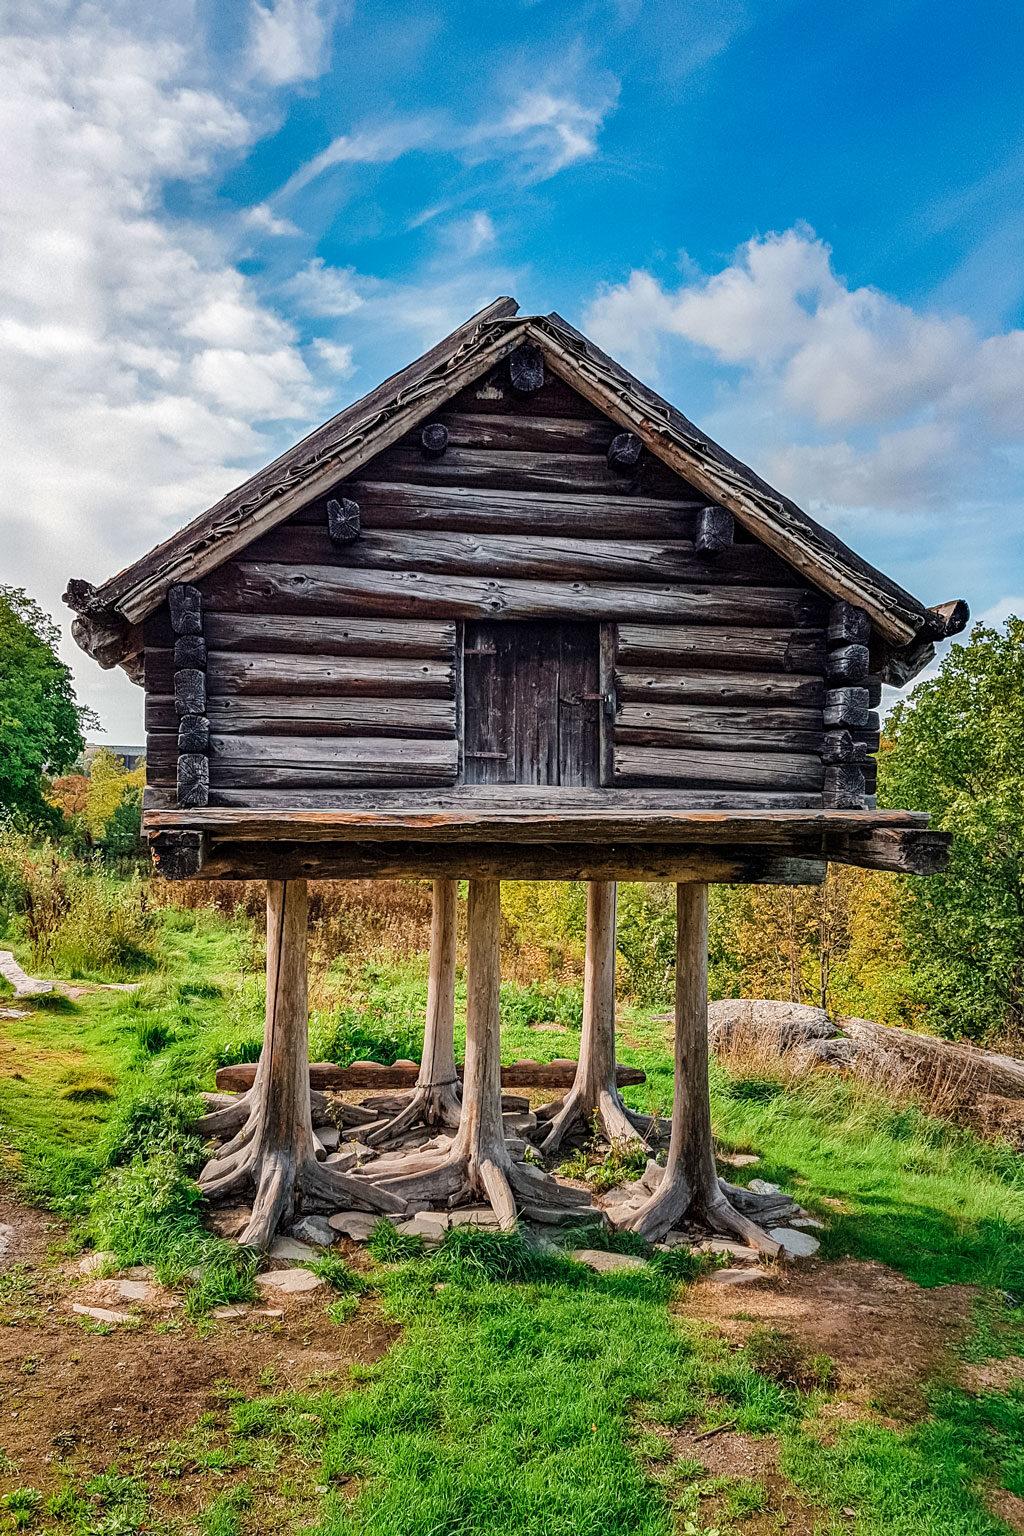 Sami Wooden Hut on Legs Skansen